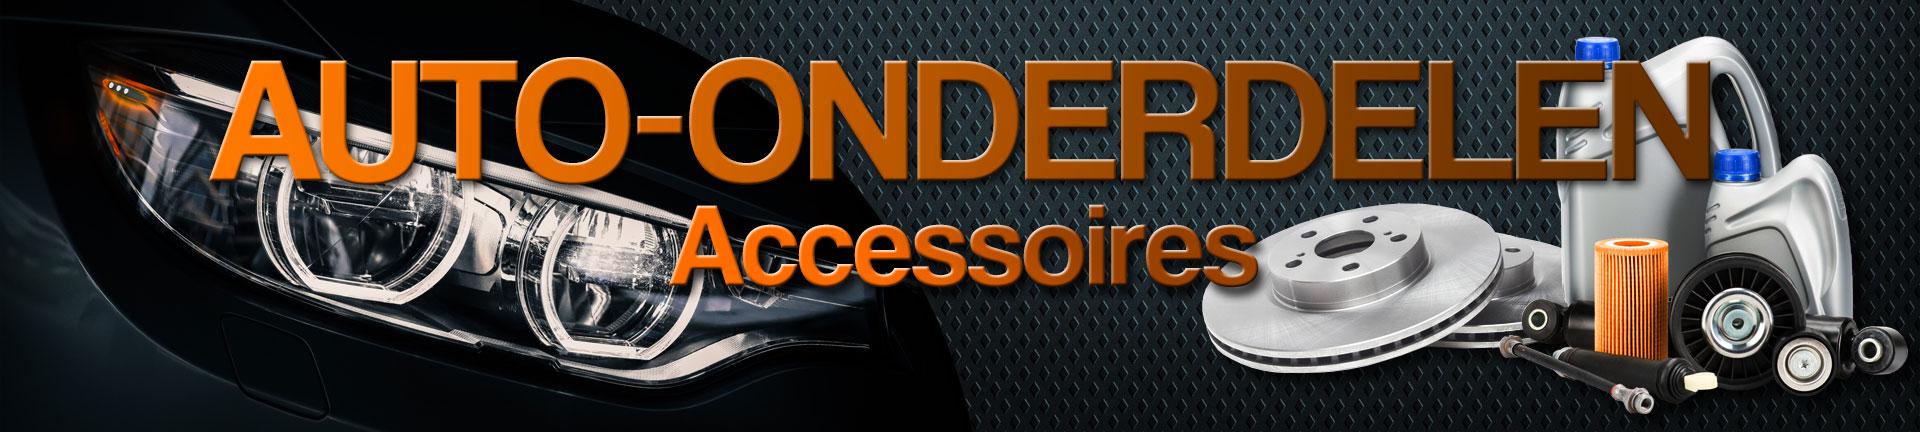 Auto-onderdelen en accessoires